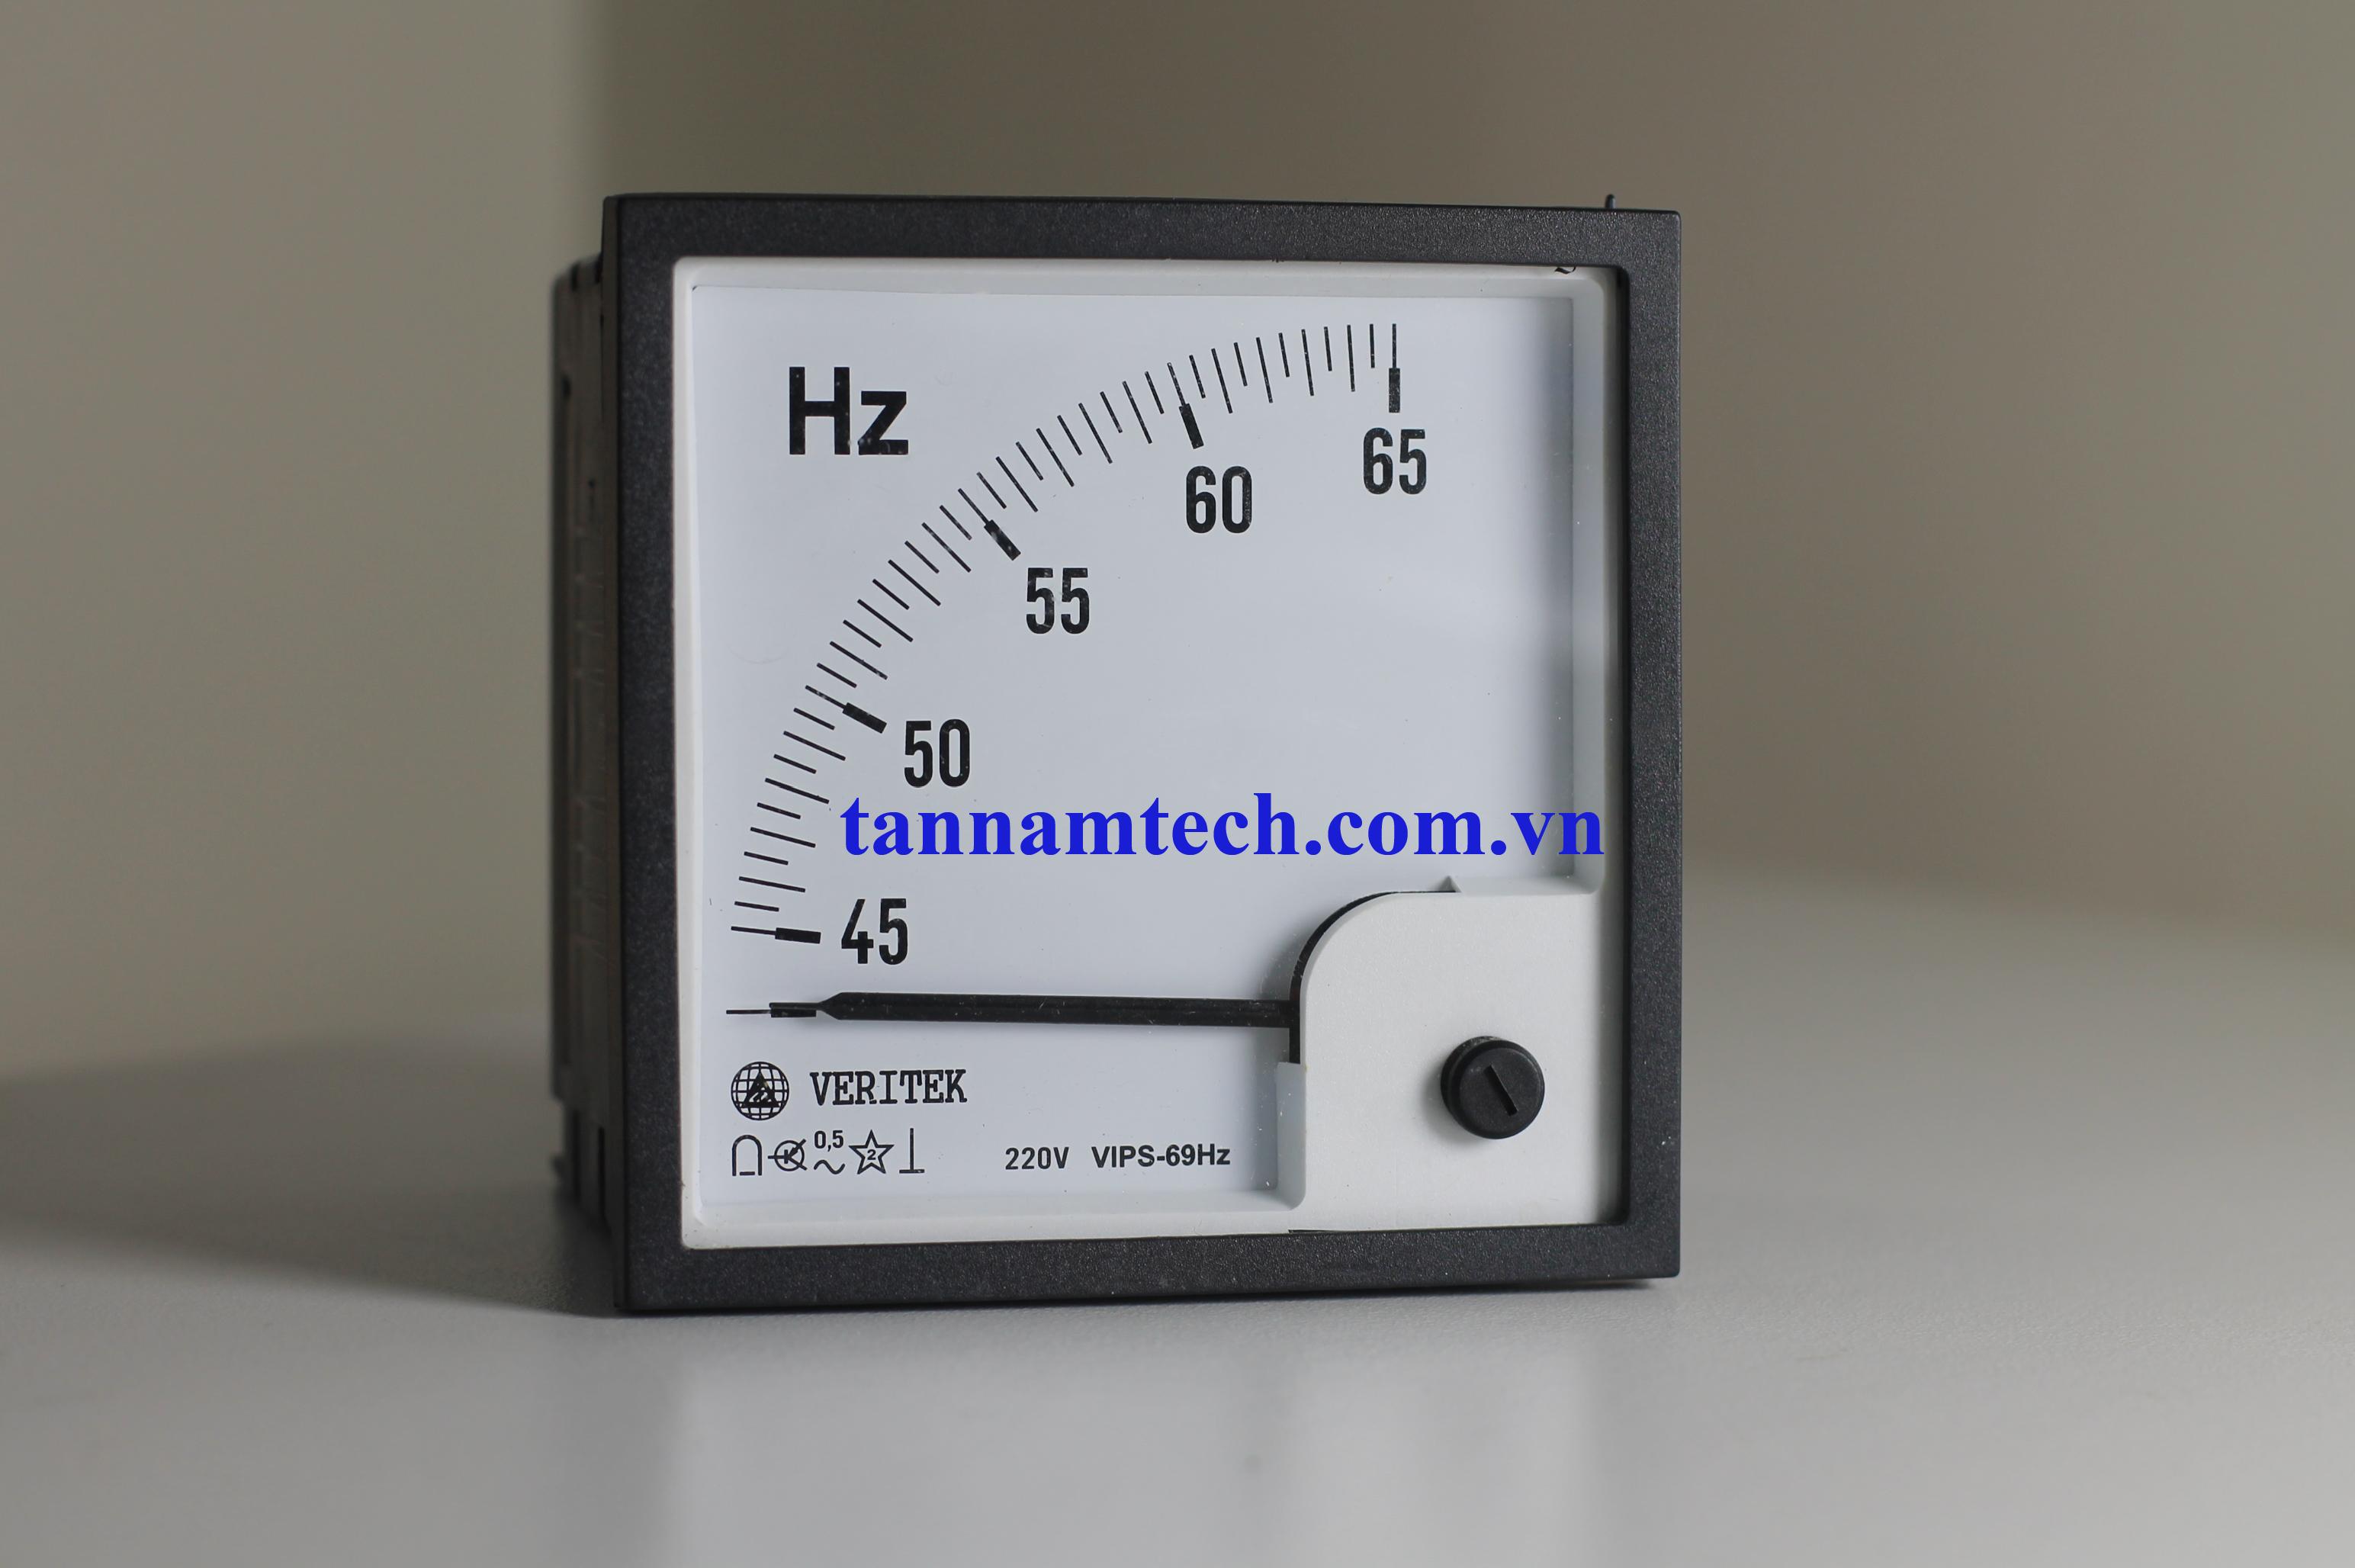 Đồng hồ đo tần số VIPS 69HZ